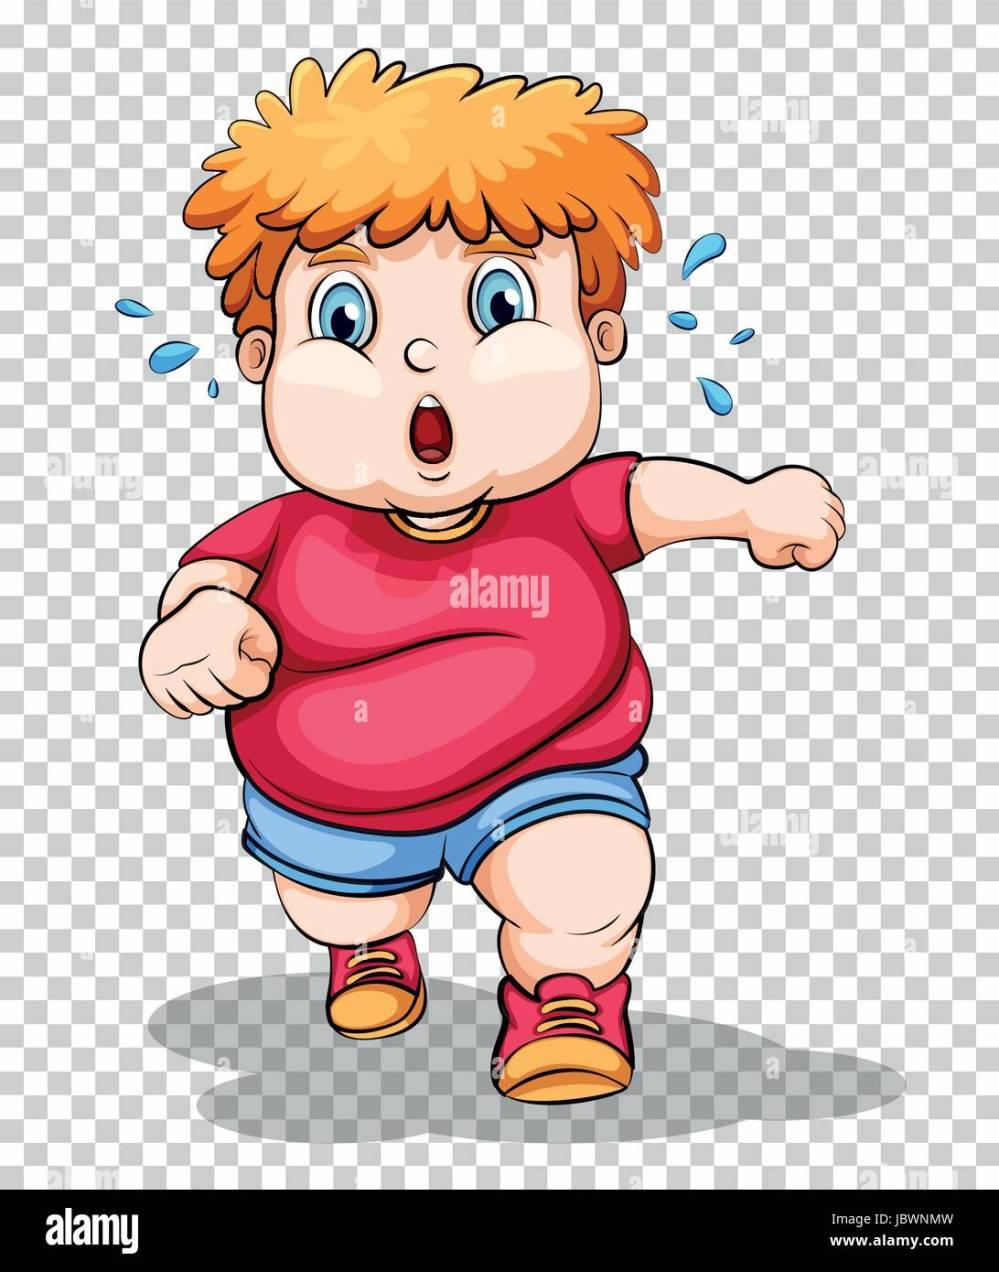 medium resolution of fat boy running on transparent background illustration stock vector